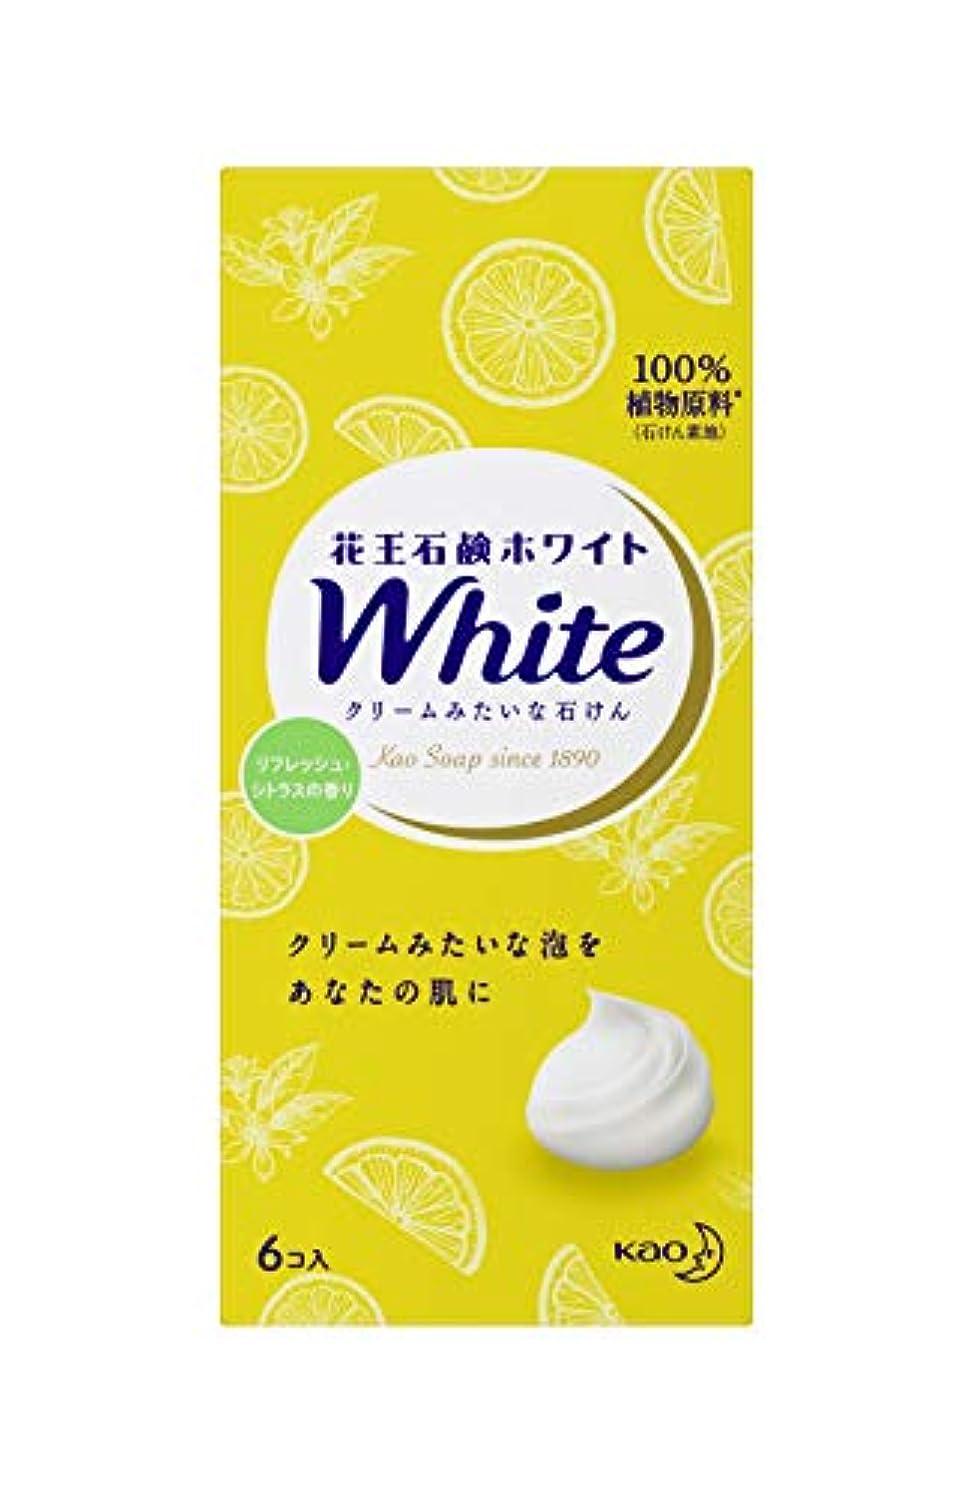 スモッグ石膏ナインへ花王ホワイト リフレッシュシトラスの香り レギュラーサイズ6コ